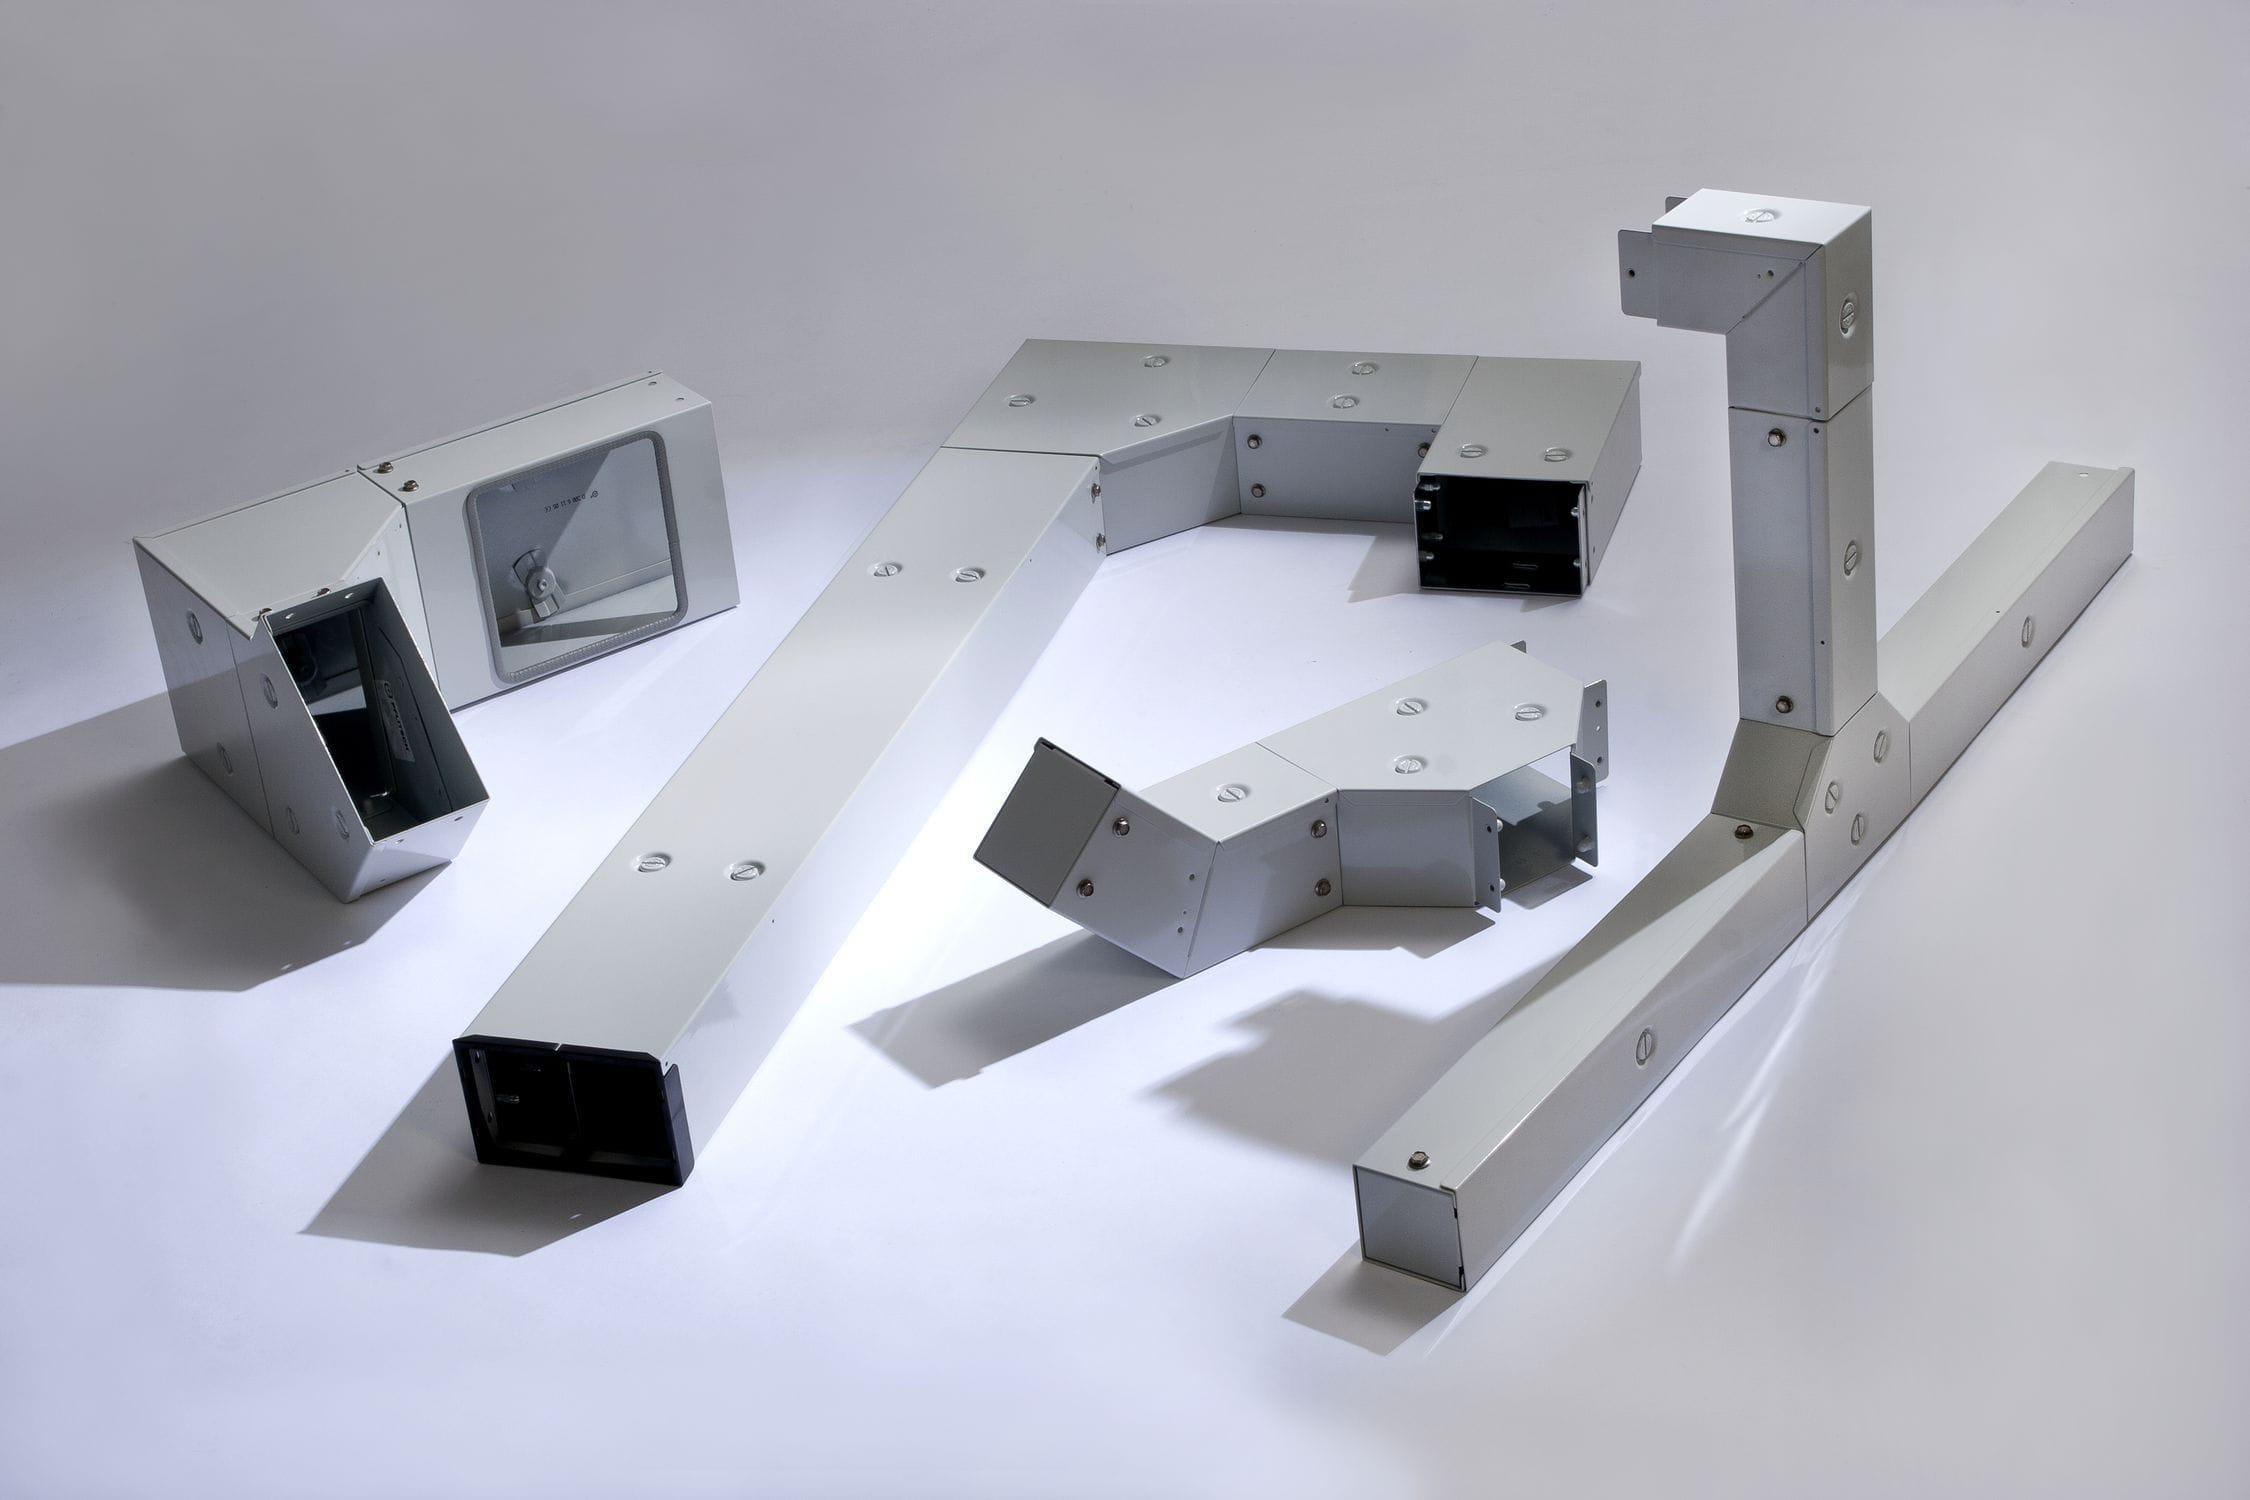 Großartig Oberflächenmontage Kabelkanal Formteil Galerie - Der ...